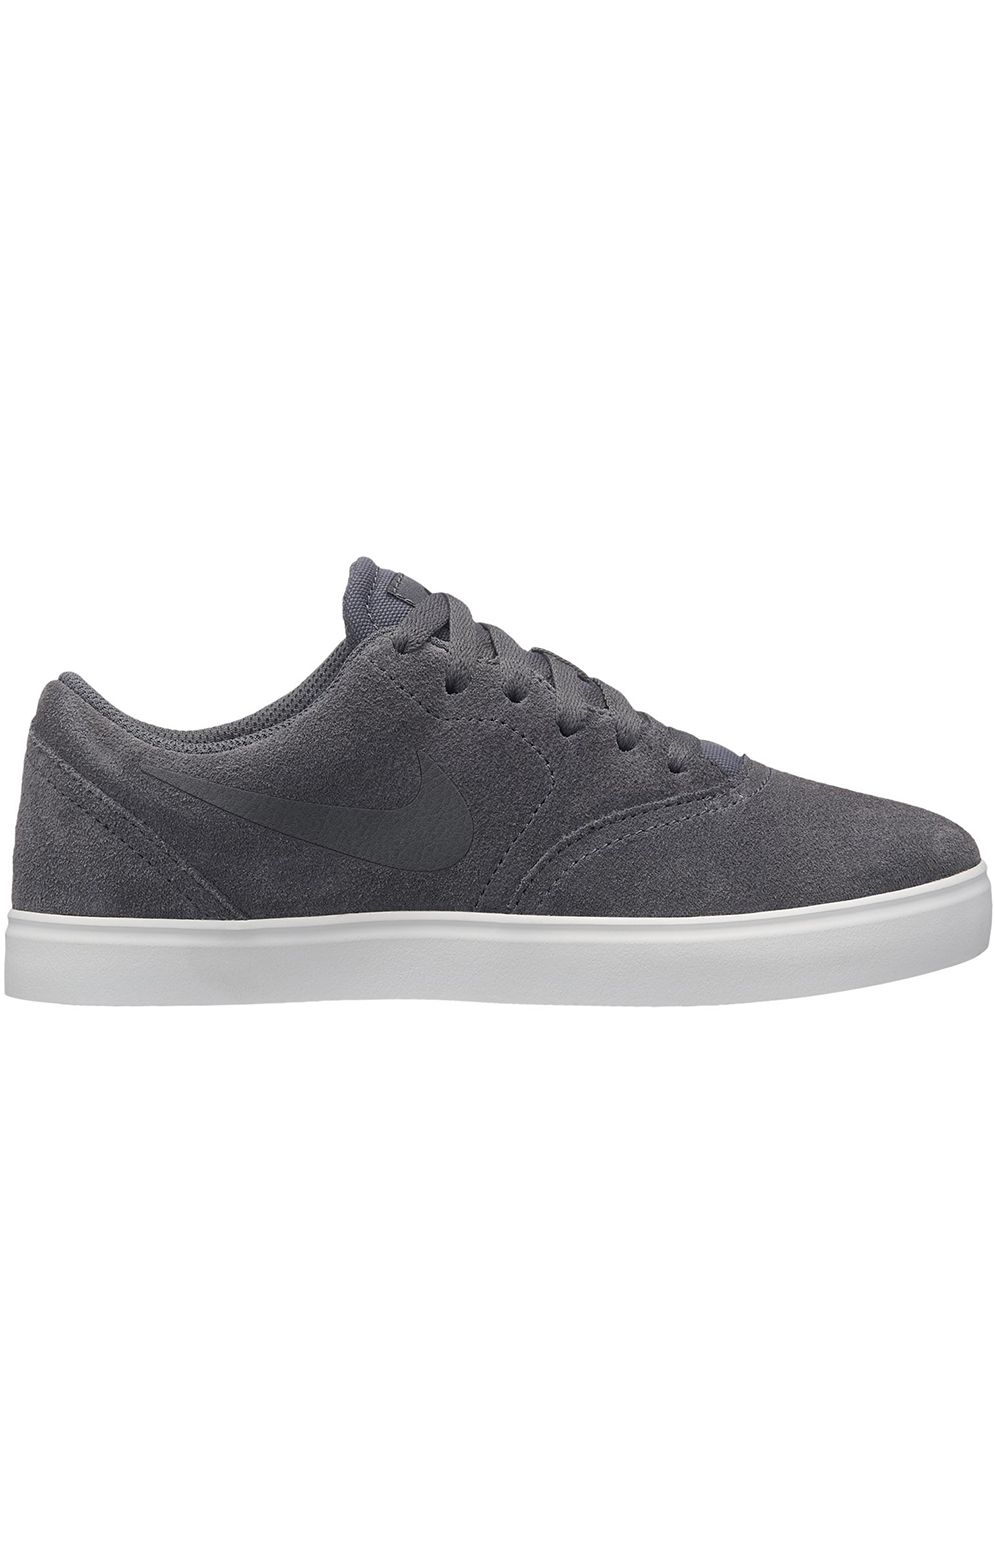 Tenis Nike Sb CHECK SUEDE (GS) Dark Grey/Dark Grey-Black-Summit White